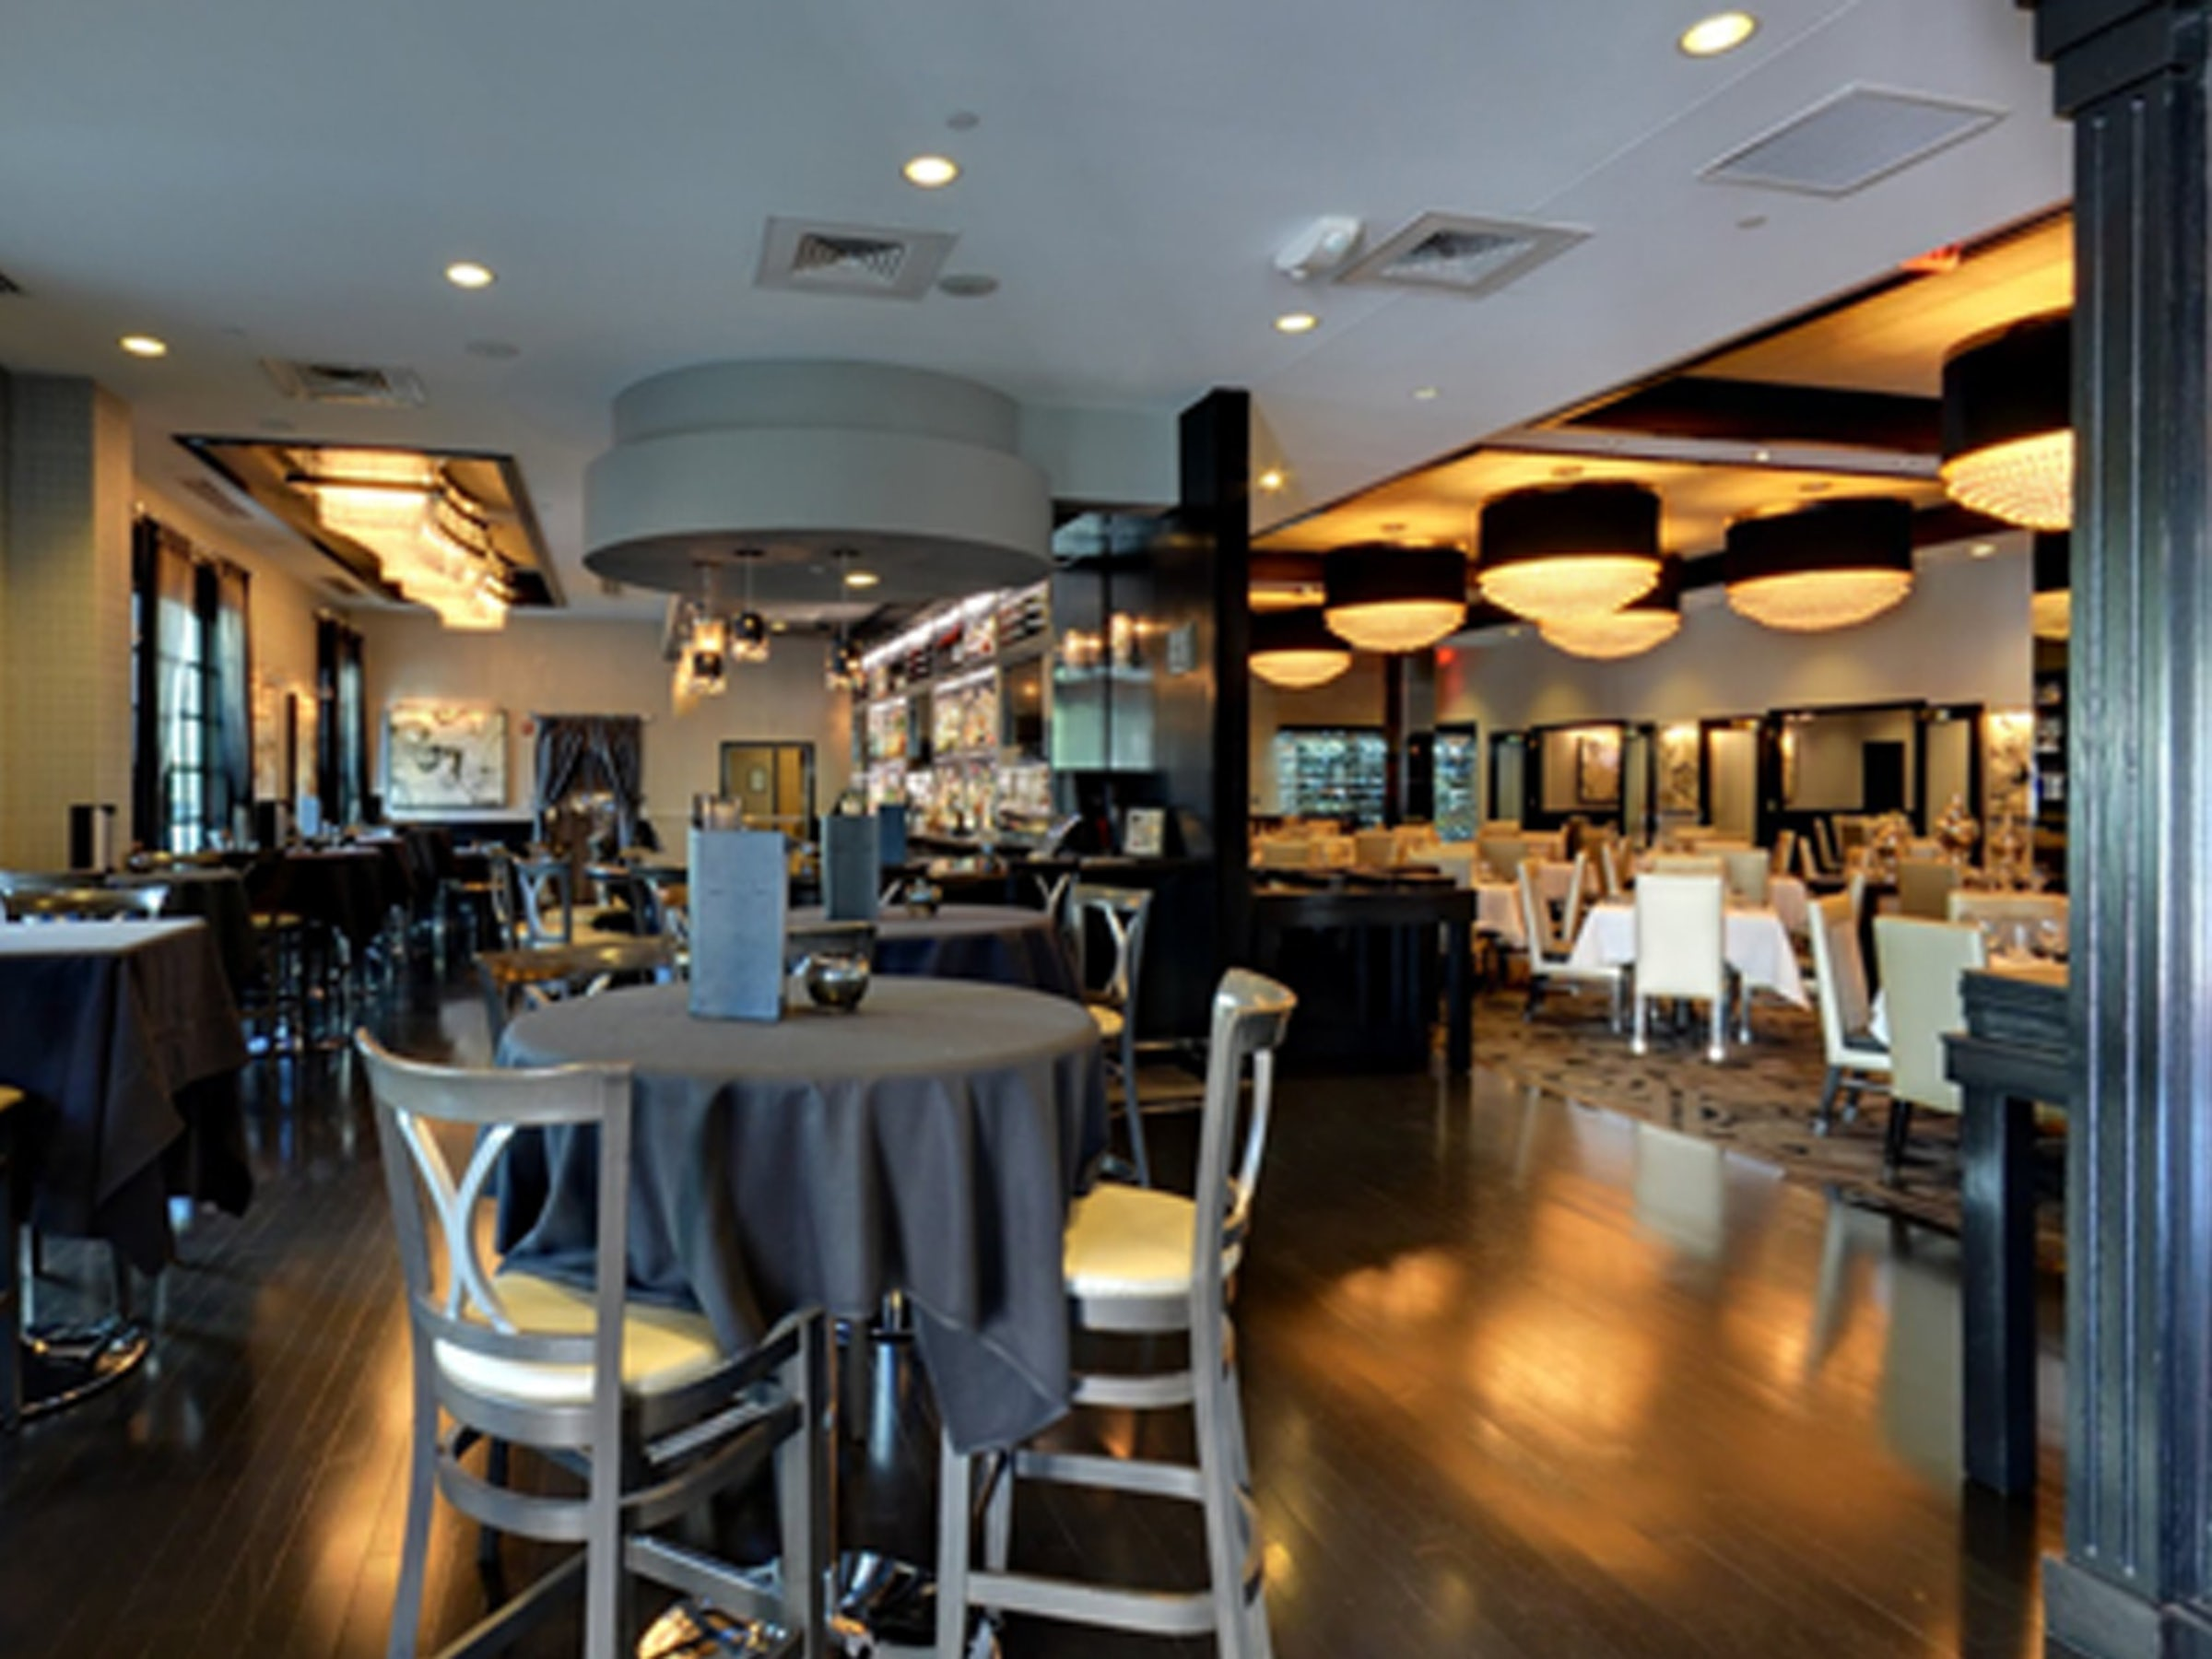 Morton's - The Steakhouse - Dallas in Beyond Dallas